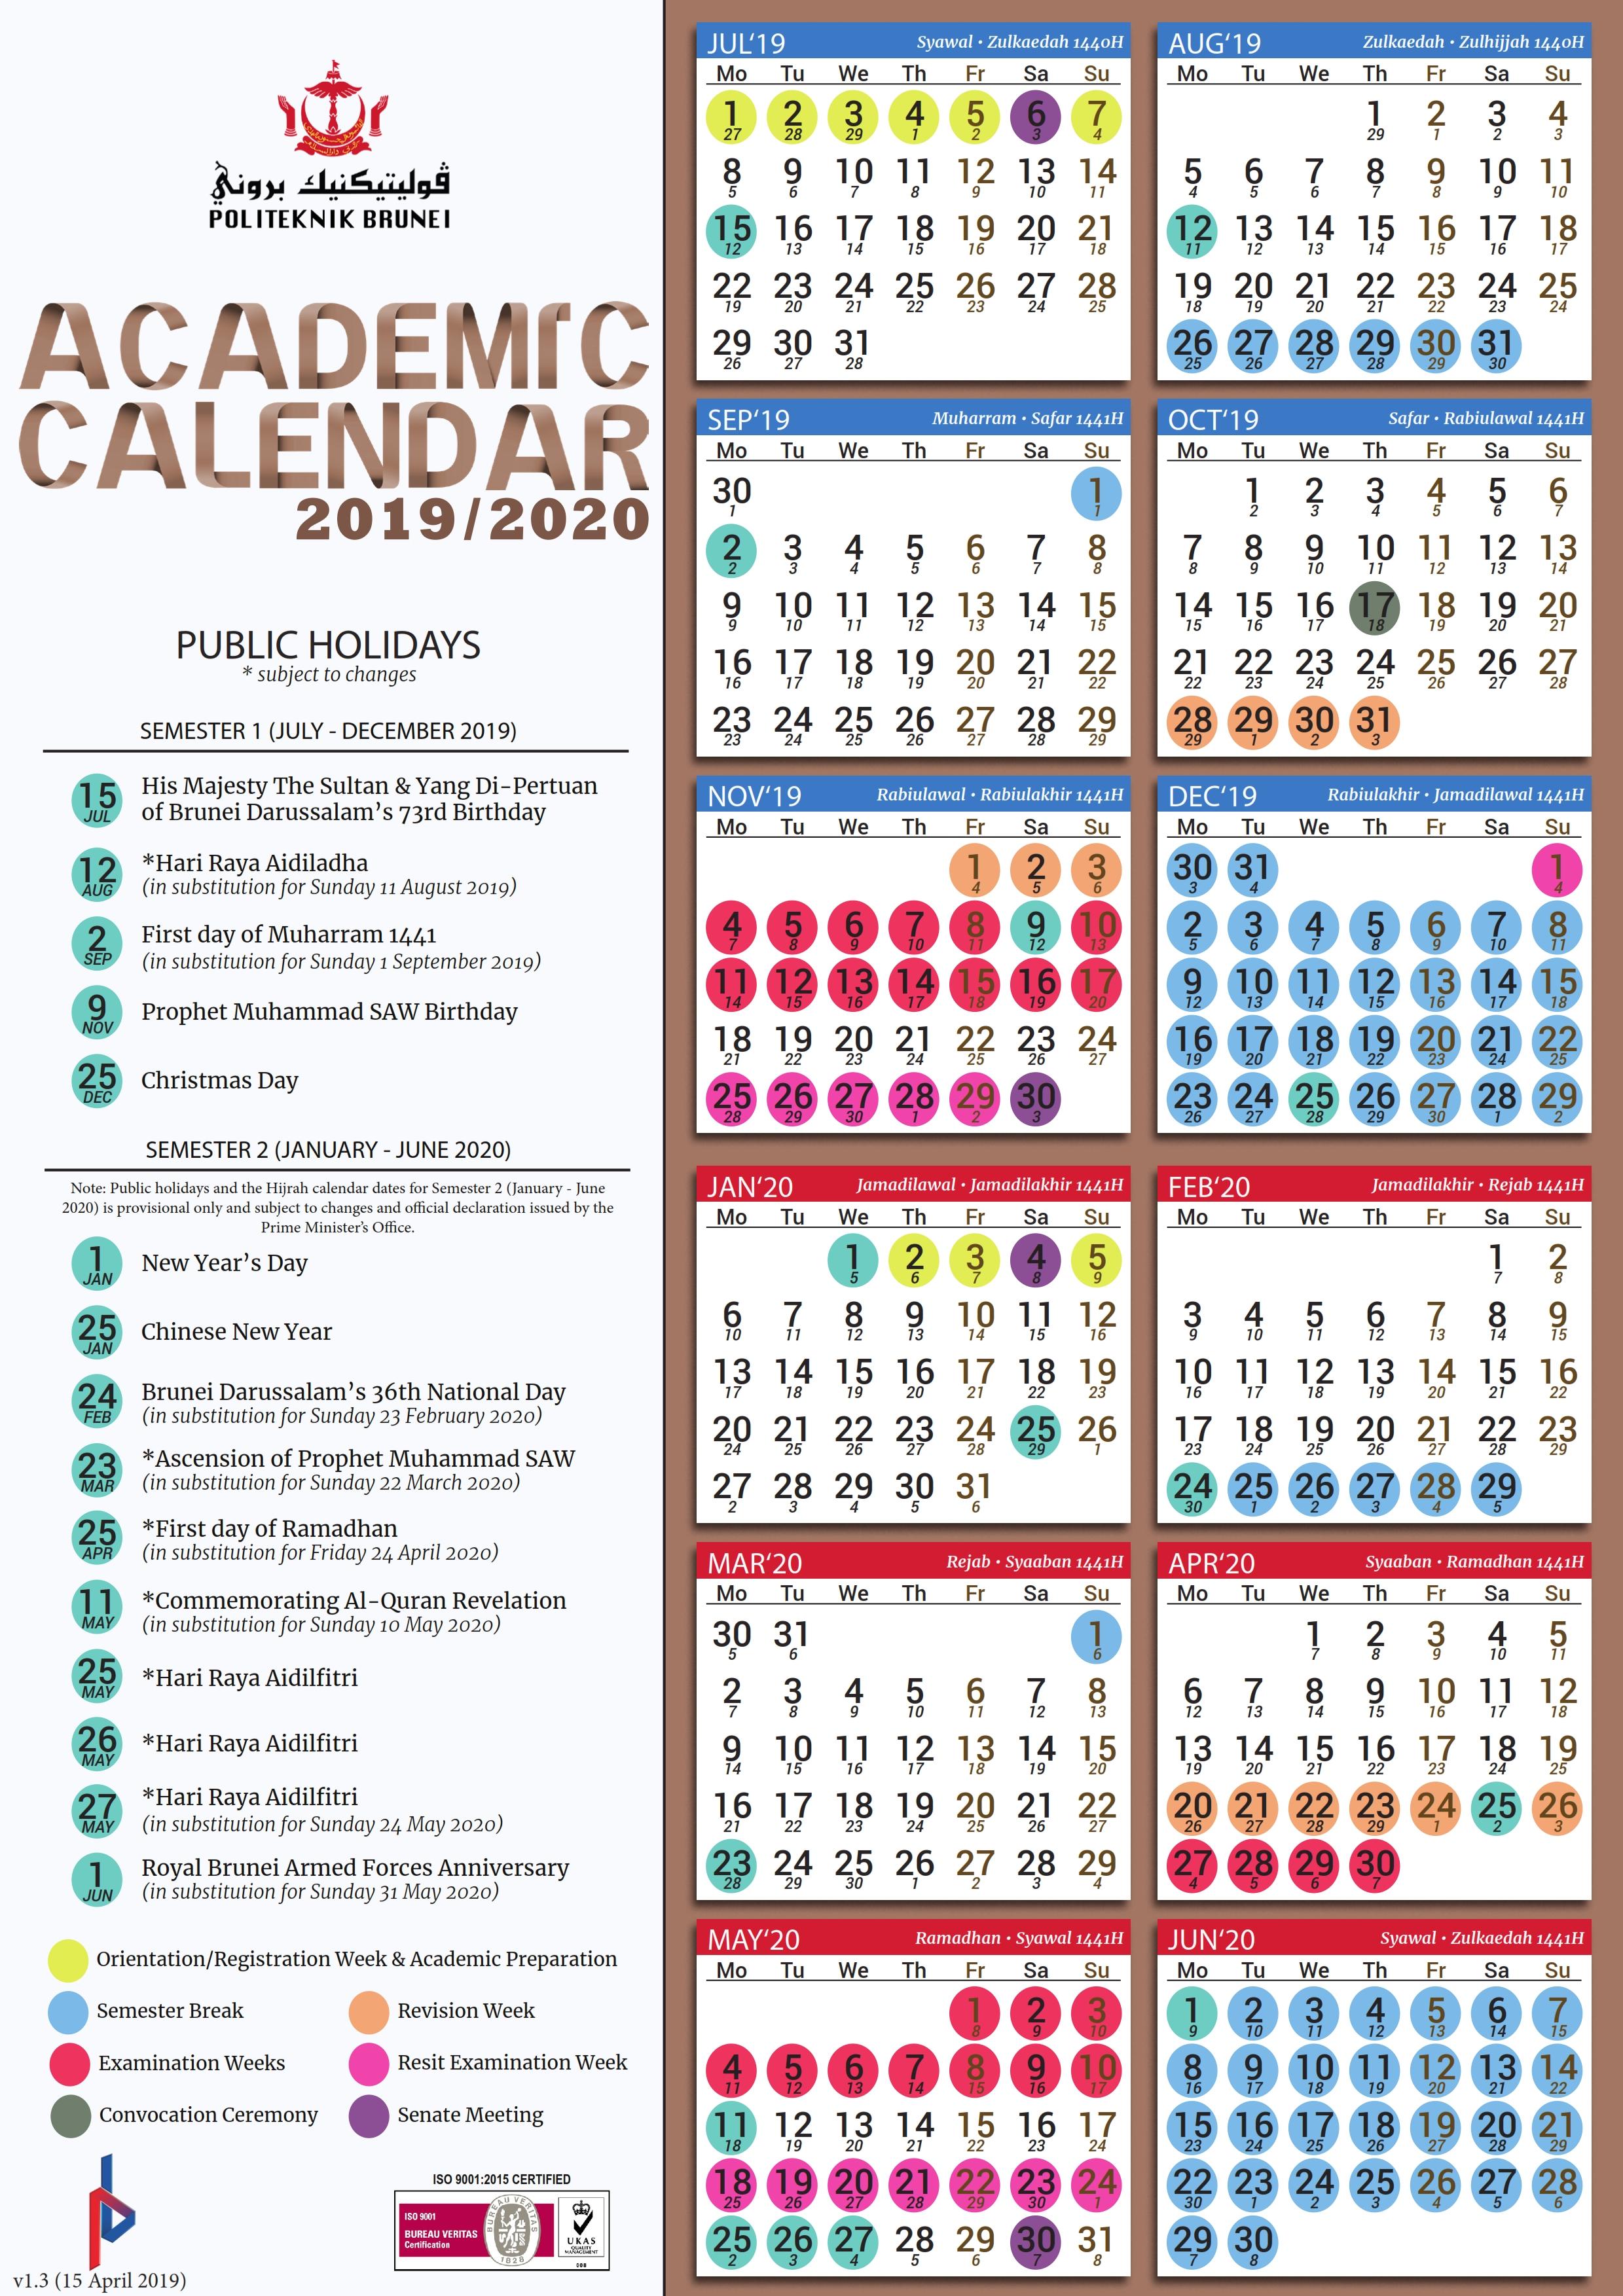 Politeknik - Academic-Calendar